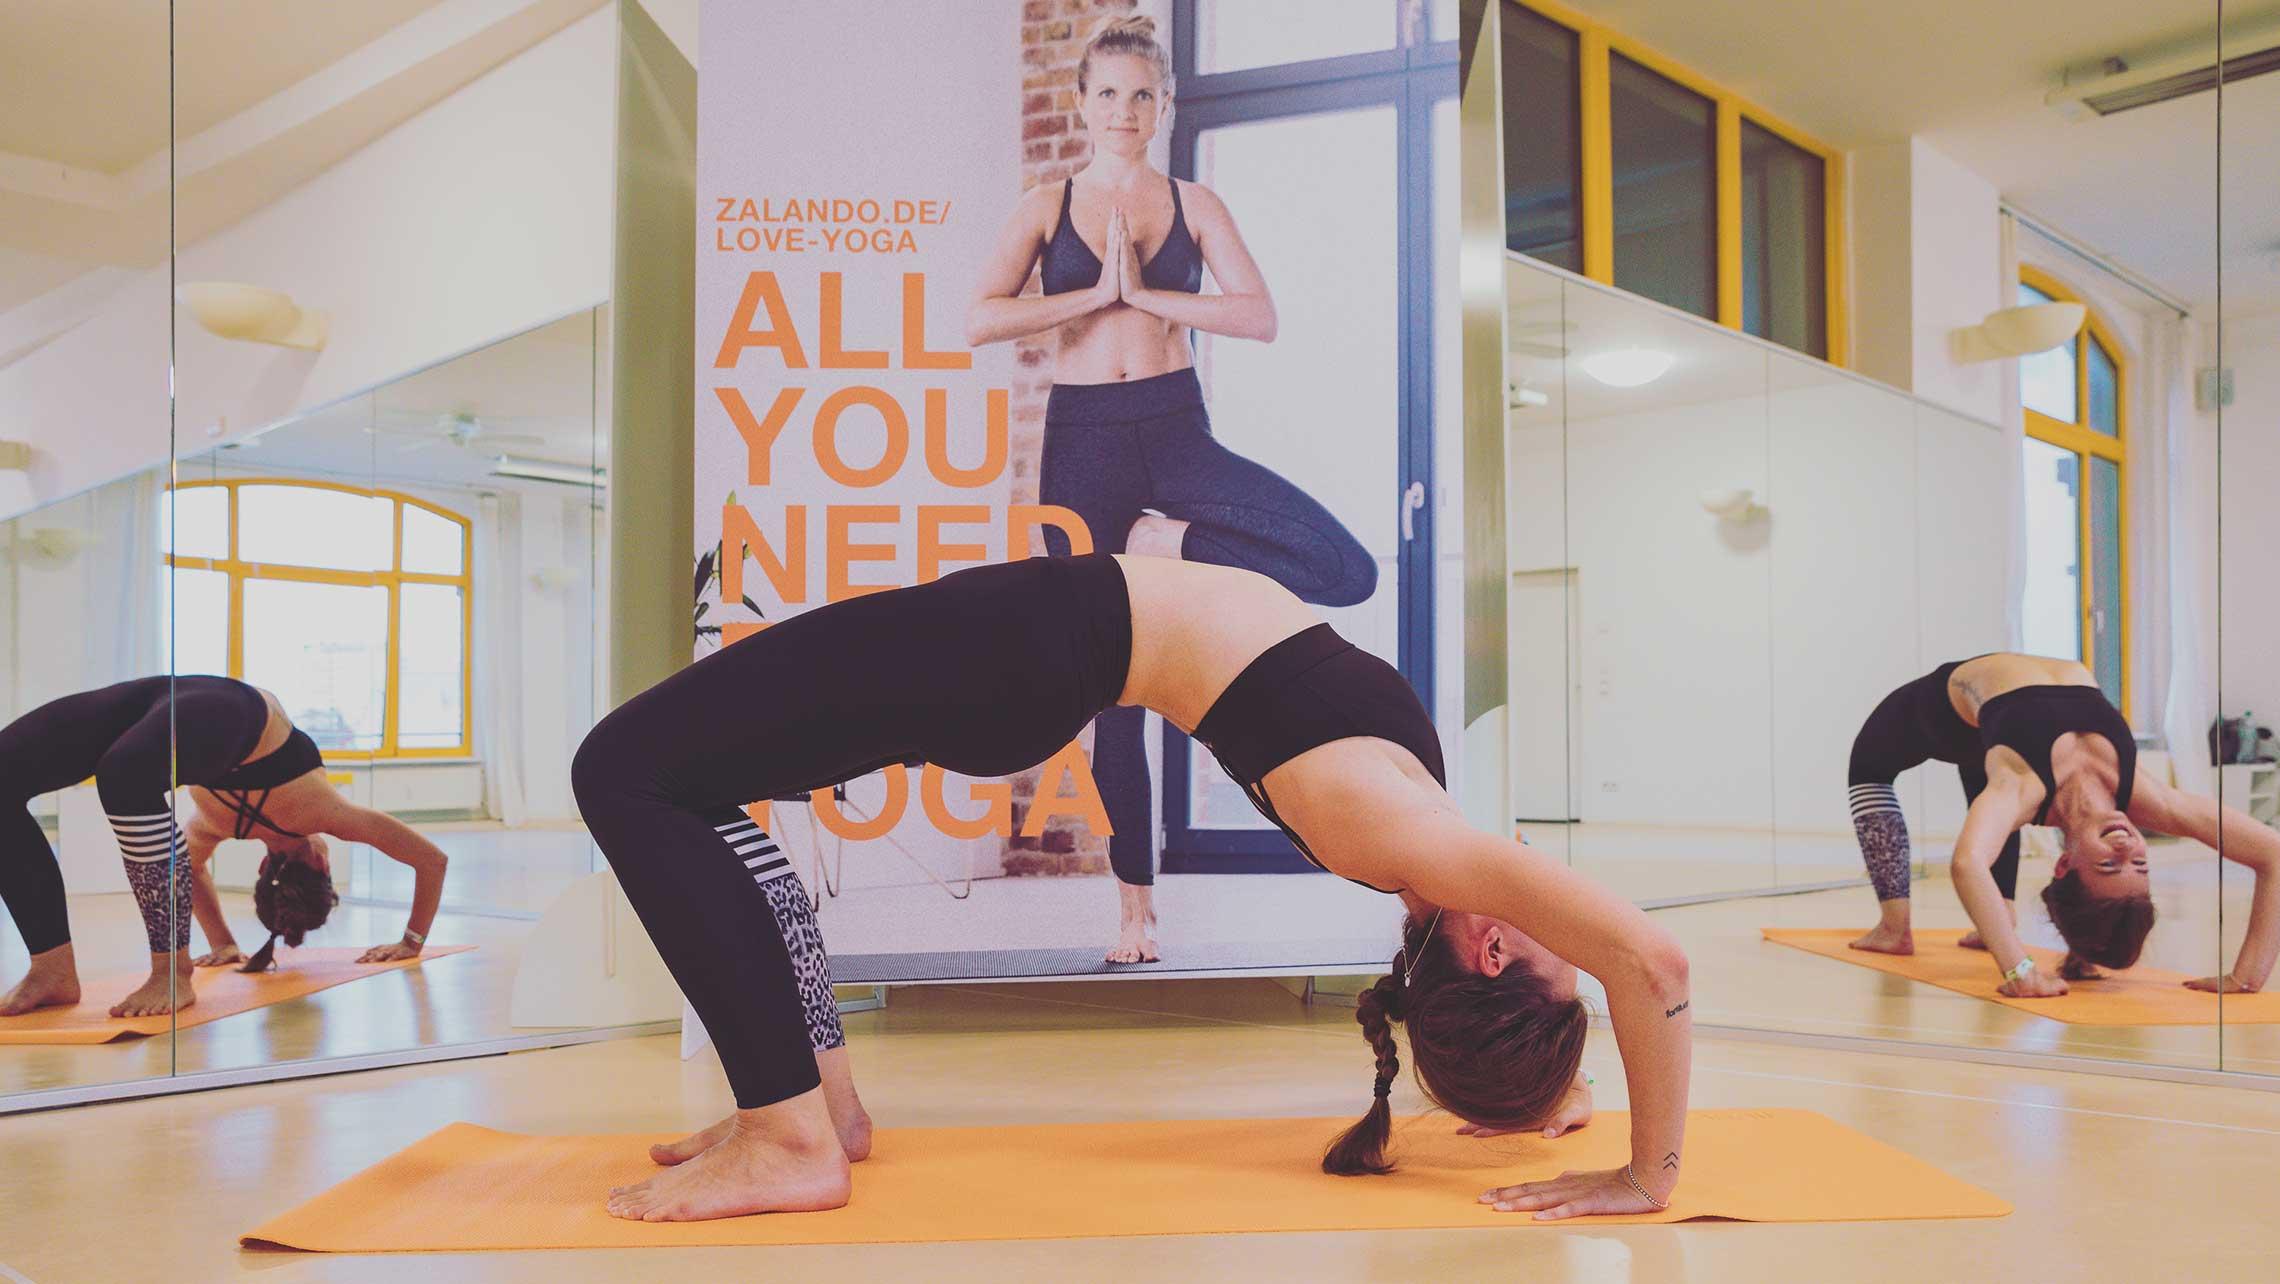 Teilnehmerin macht eine Brücken-Pose